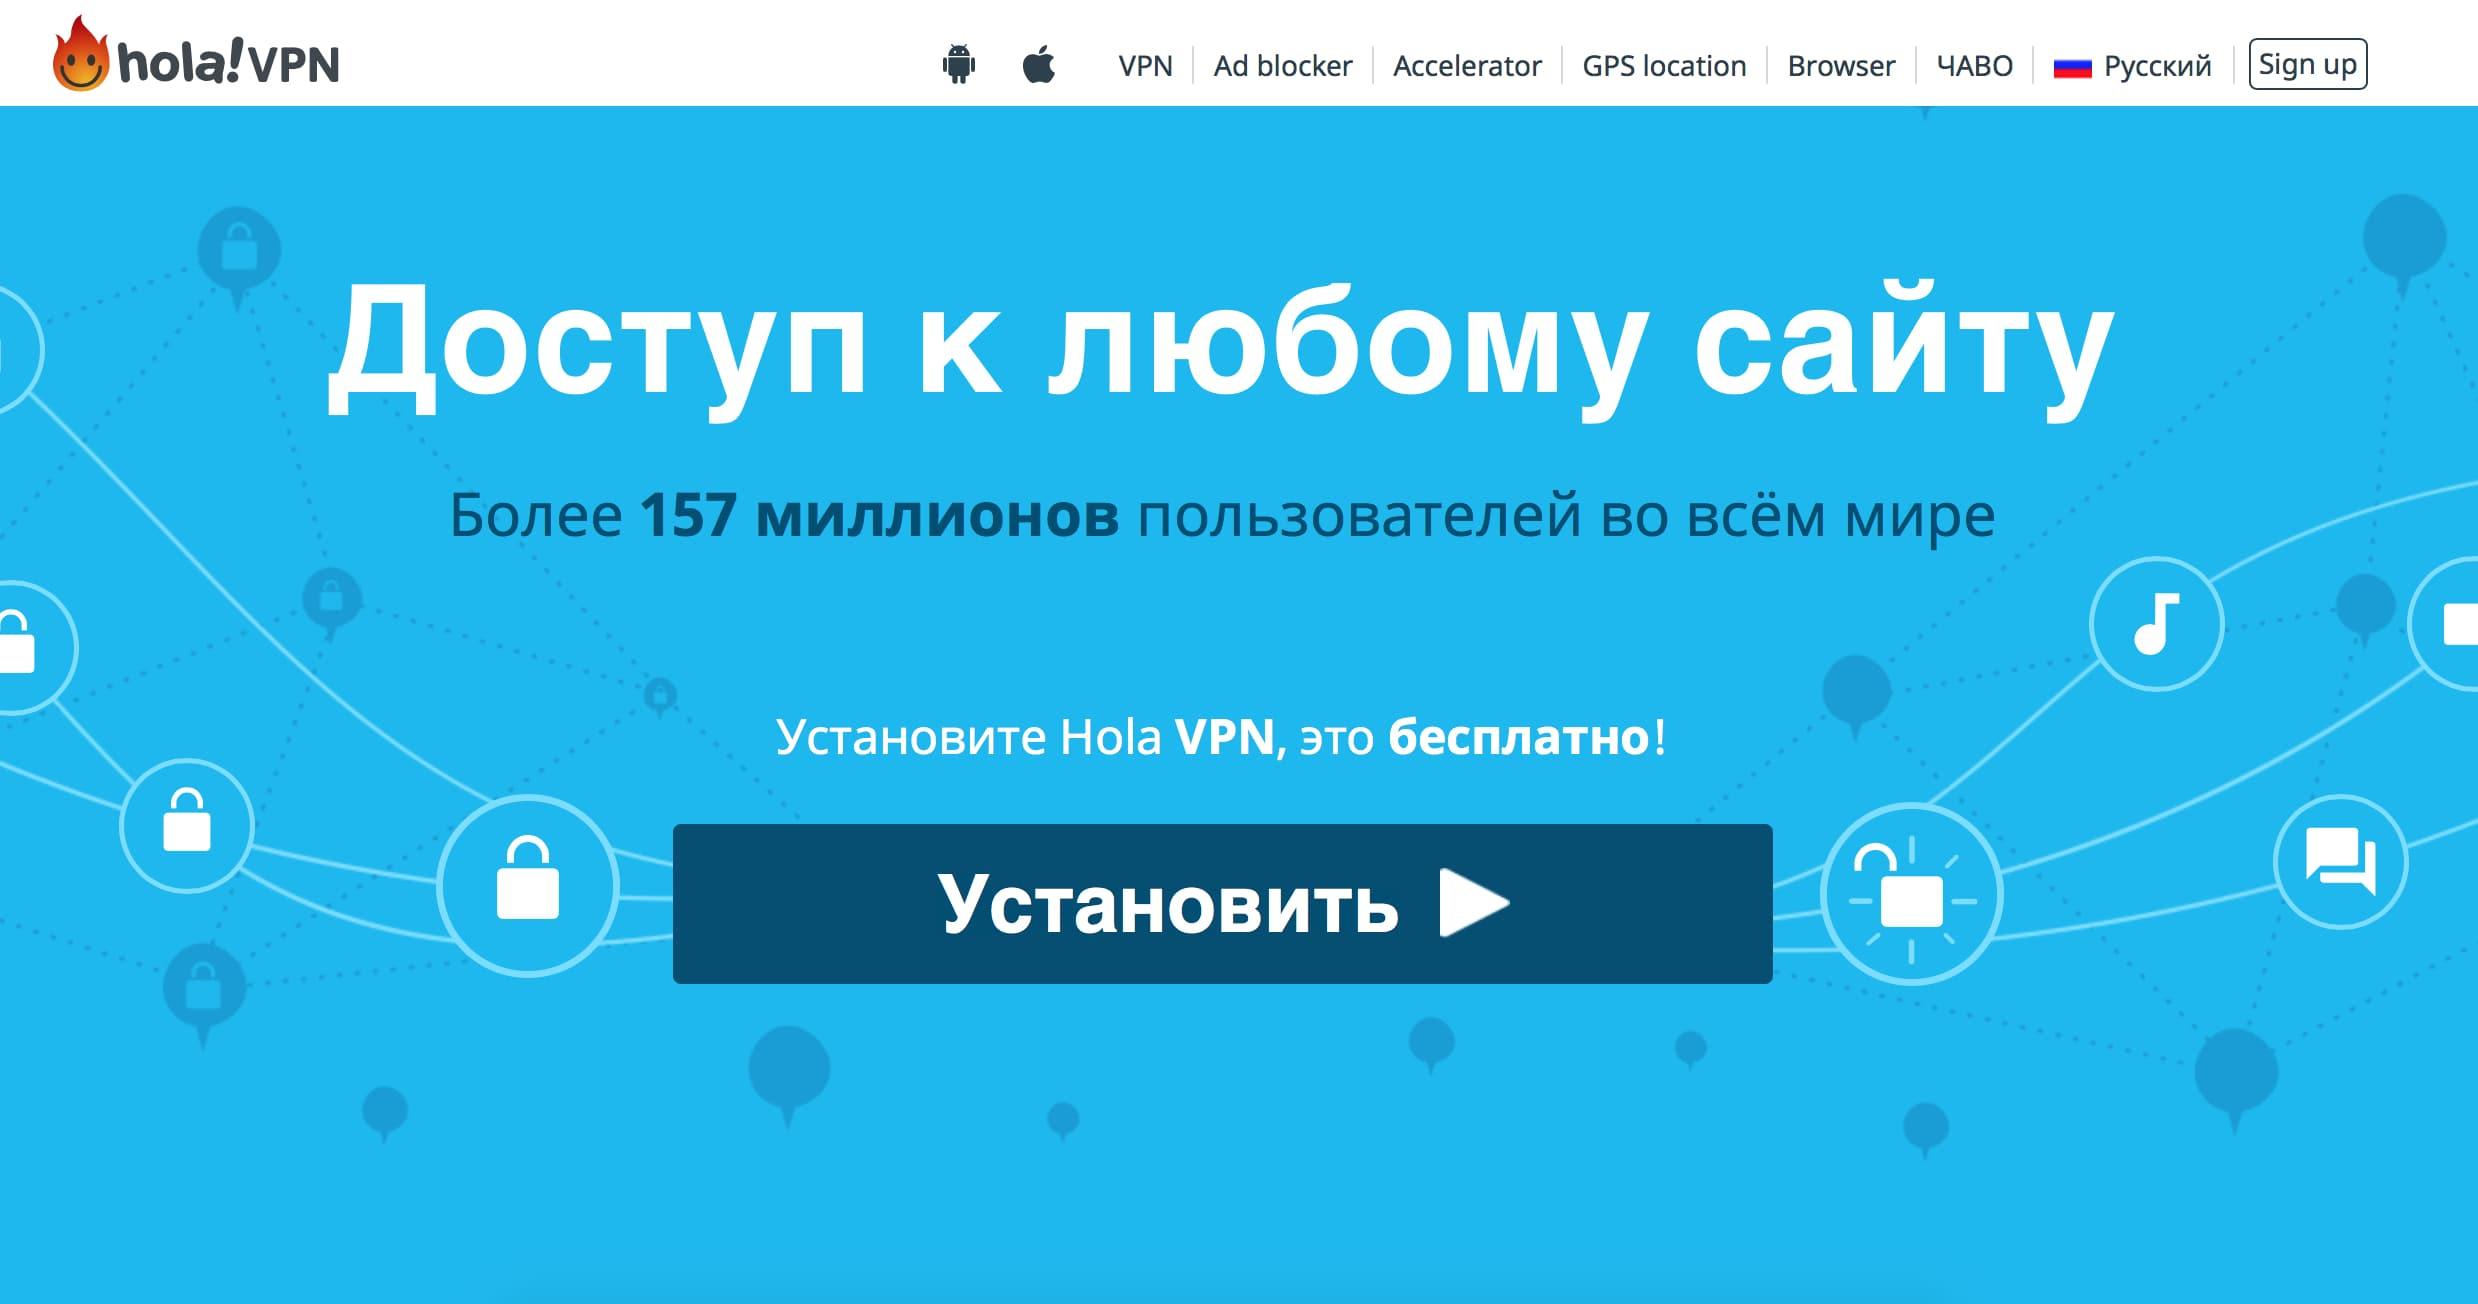 Роскомнадзор потребовал от VPN-сервисов заблокировать запрещённые сайты